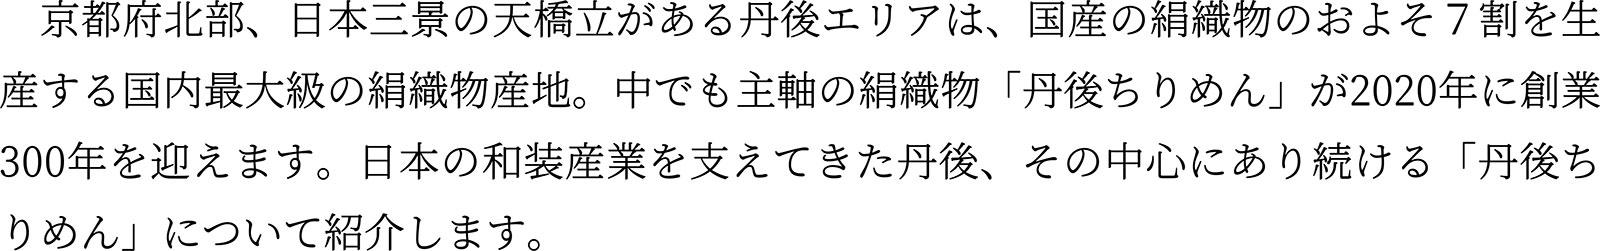 京都府北部、日本三景の天橋立がある丹後エリアは、国産の絹織物のおよそ7割を生産する国内最大級の絹織物産地。中でも主軸の絹織物「丹後ちりめん」が2020年に創業300年を迎えます。日本の和装産業を支えてきた丹後、その中心にあり続ける「丹後ちりめん」について紹介します。